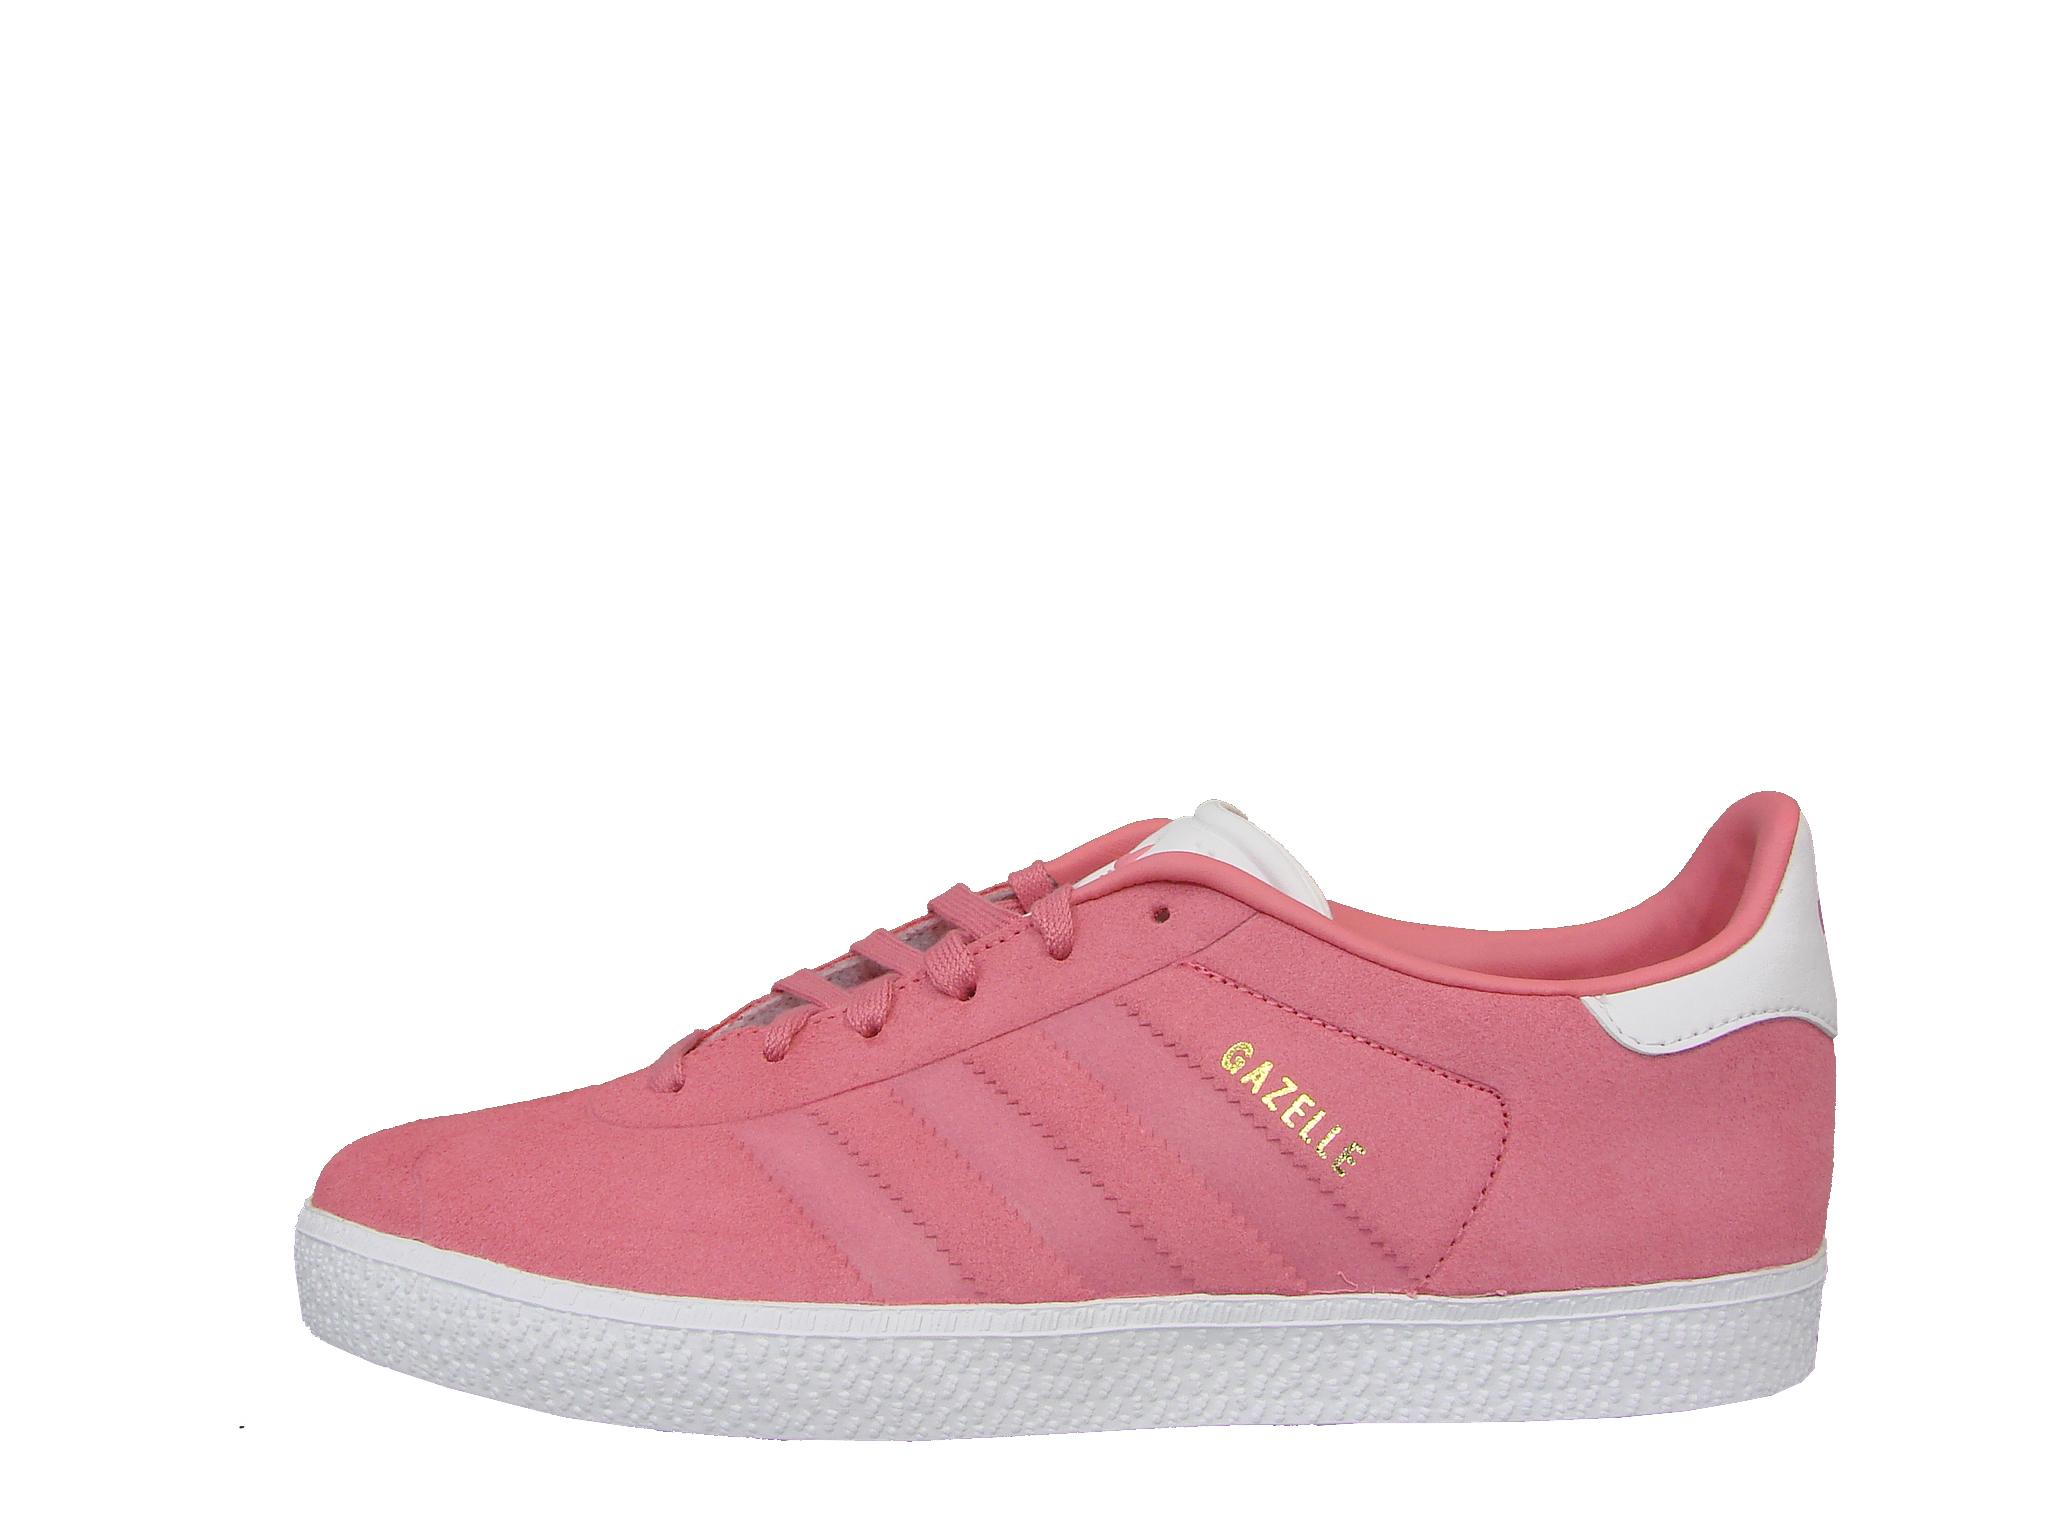 Buty Adidas Gazelle B41517 Rozmiar 36 różowe